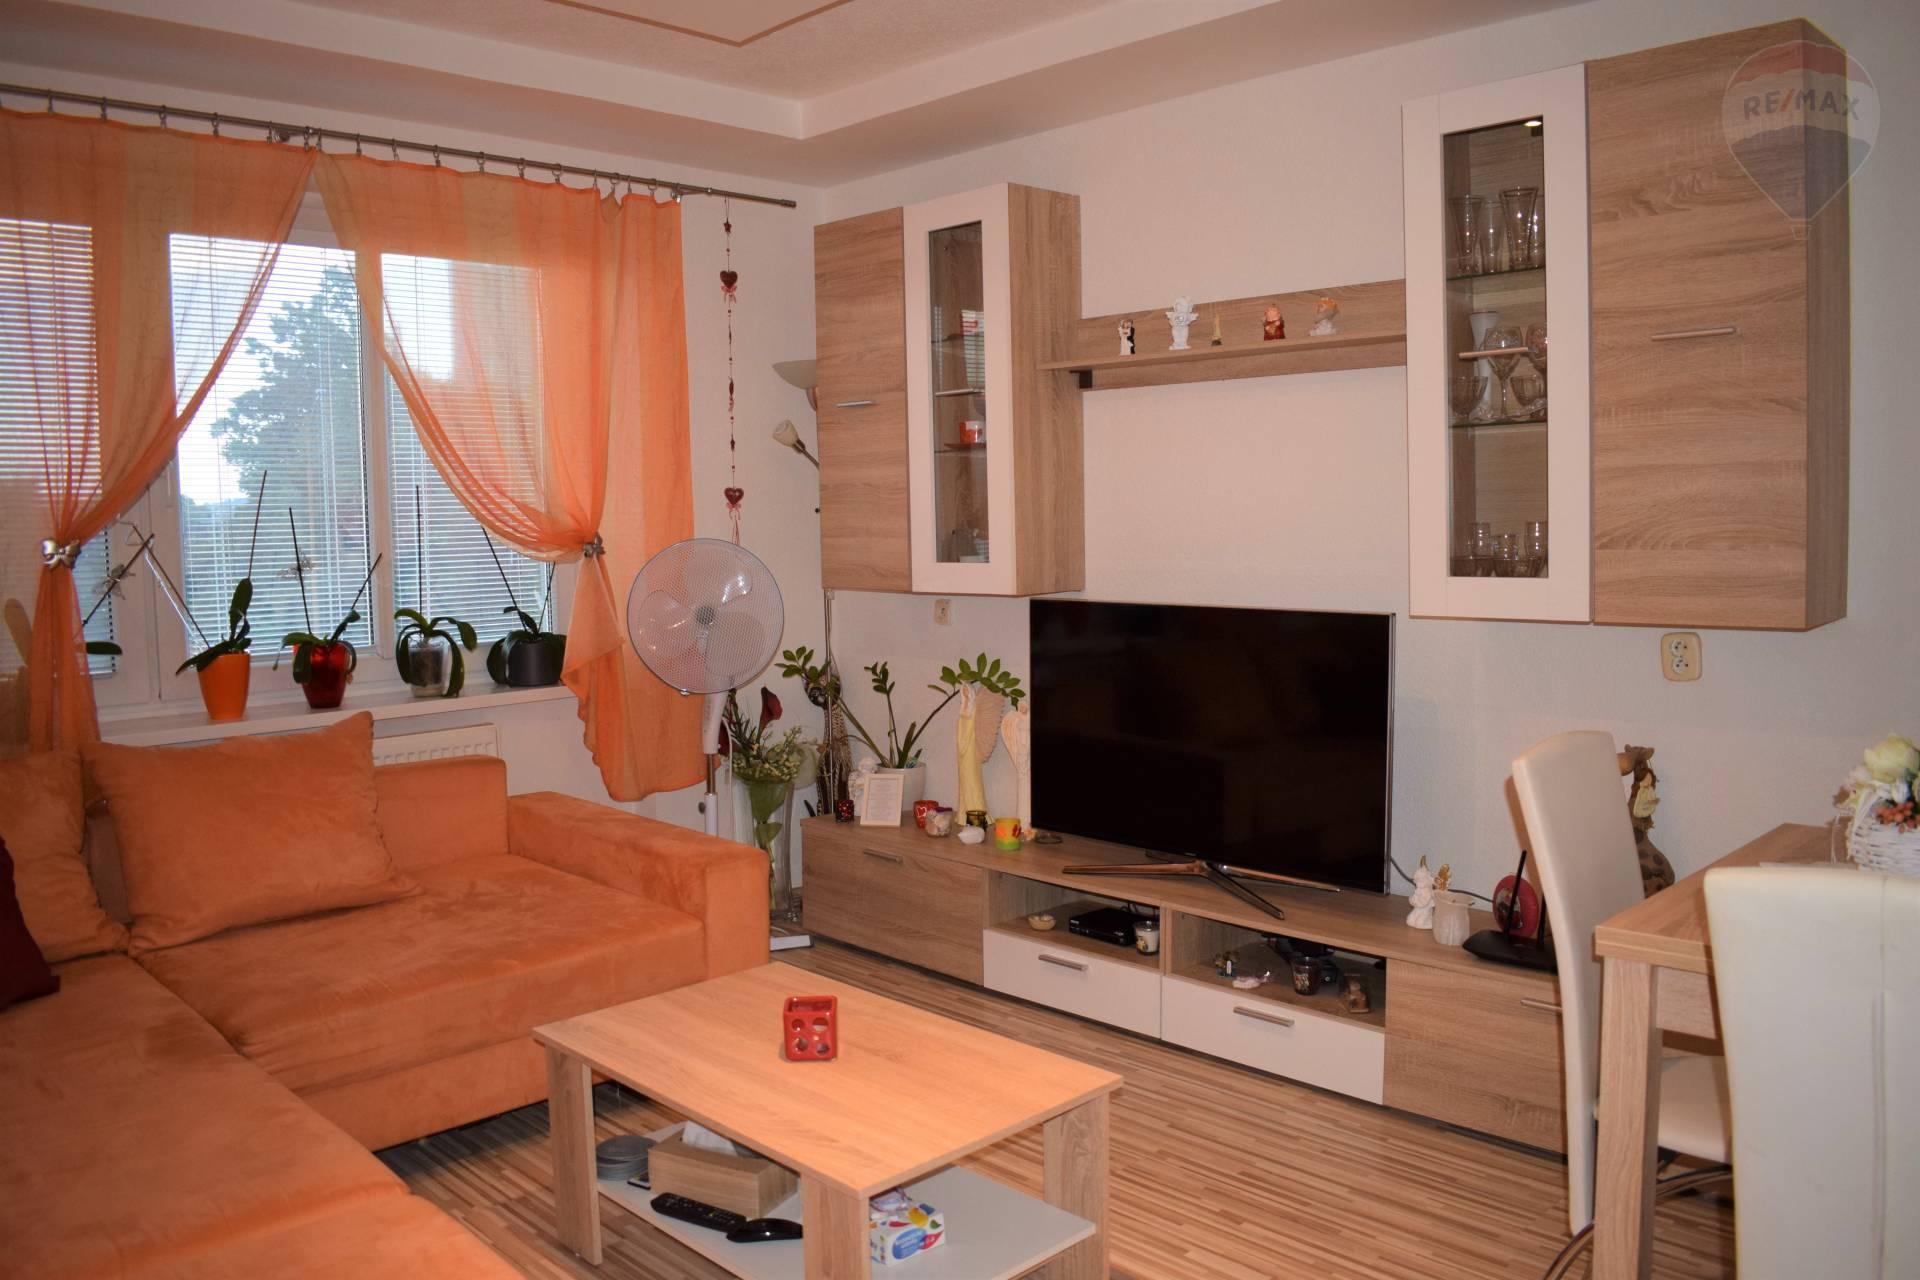 3 izbový byt  na ulici Kukorelliho v Humennom, na predaj.